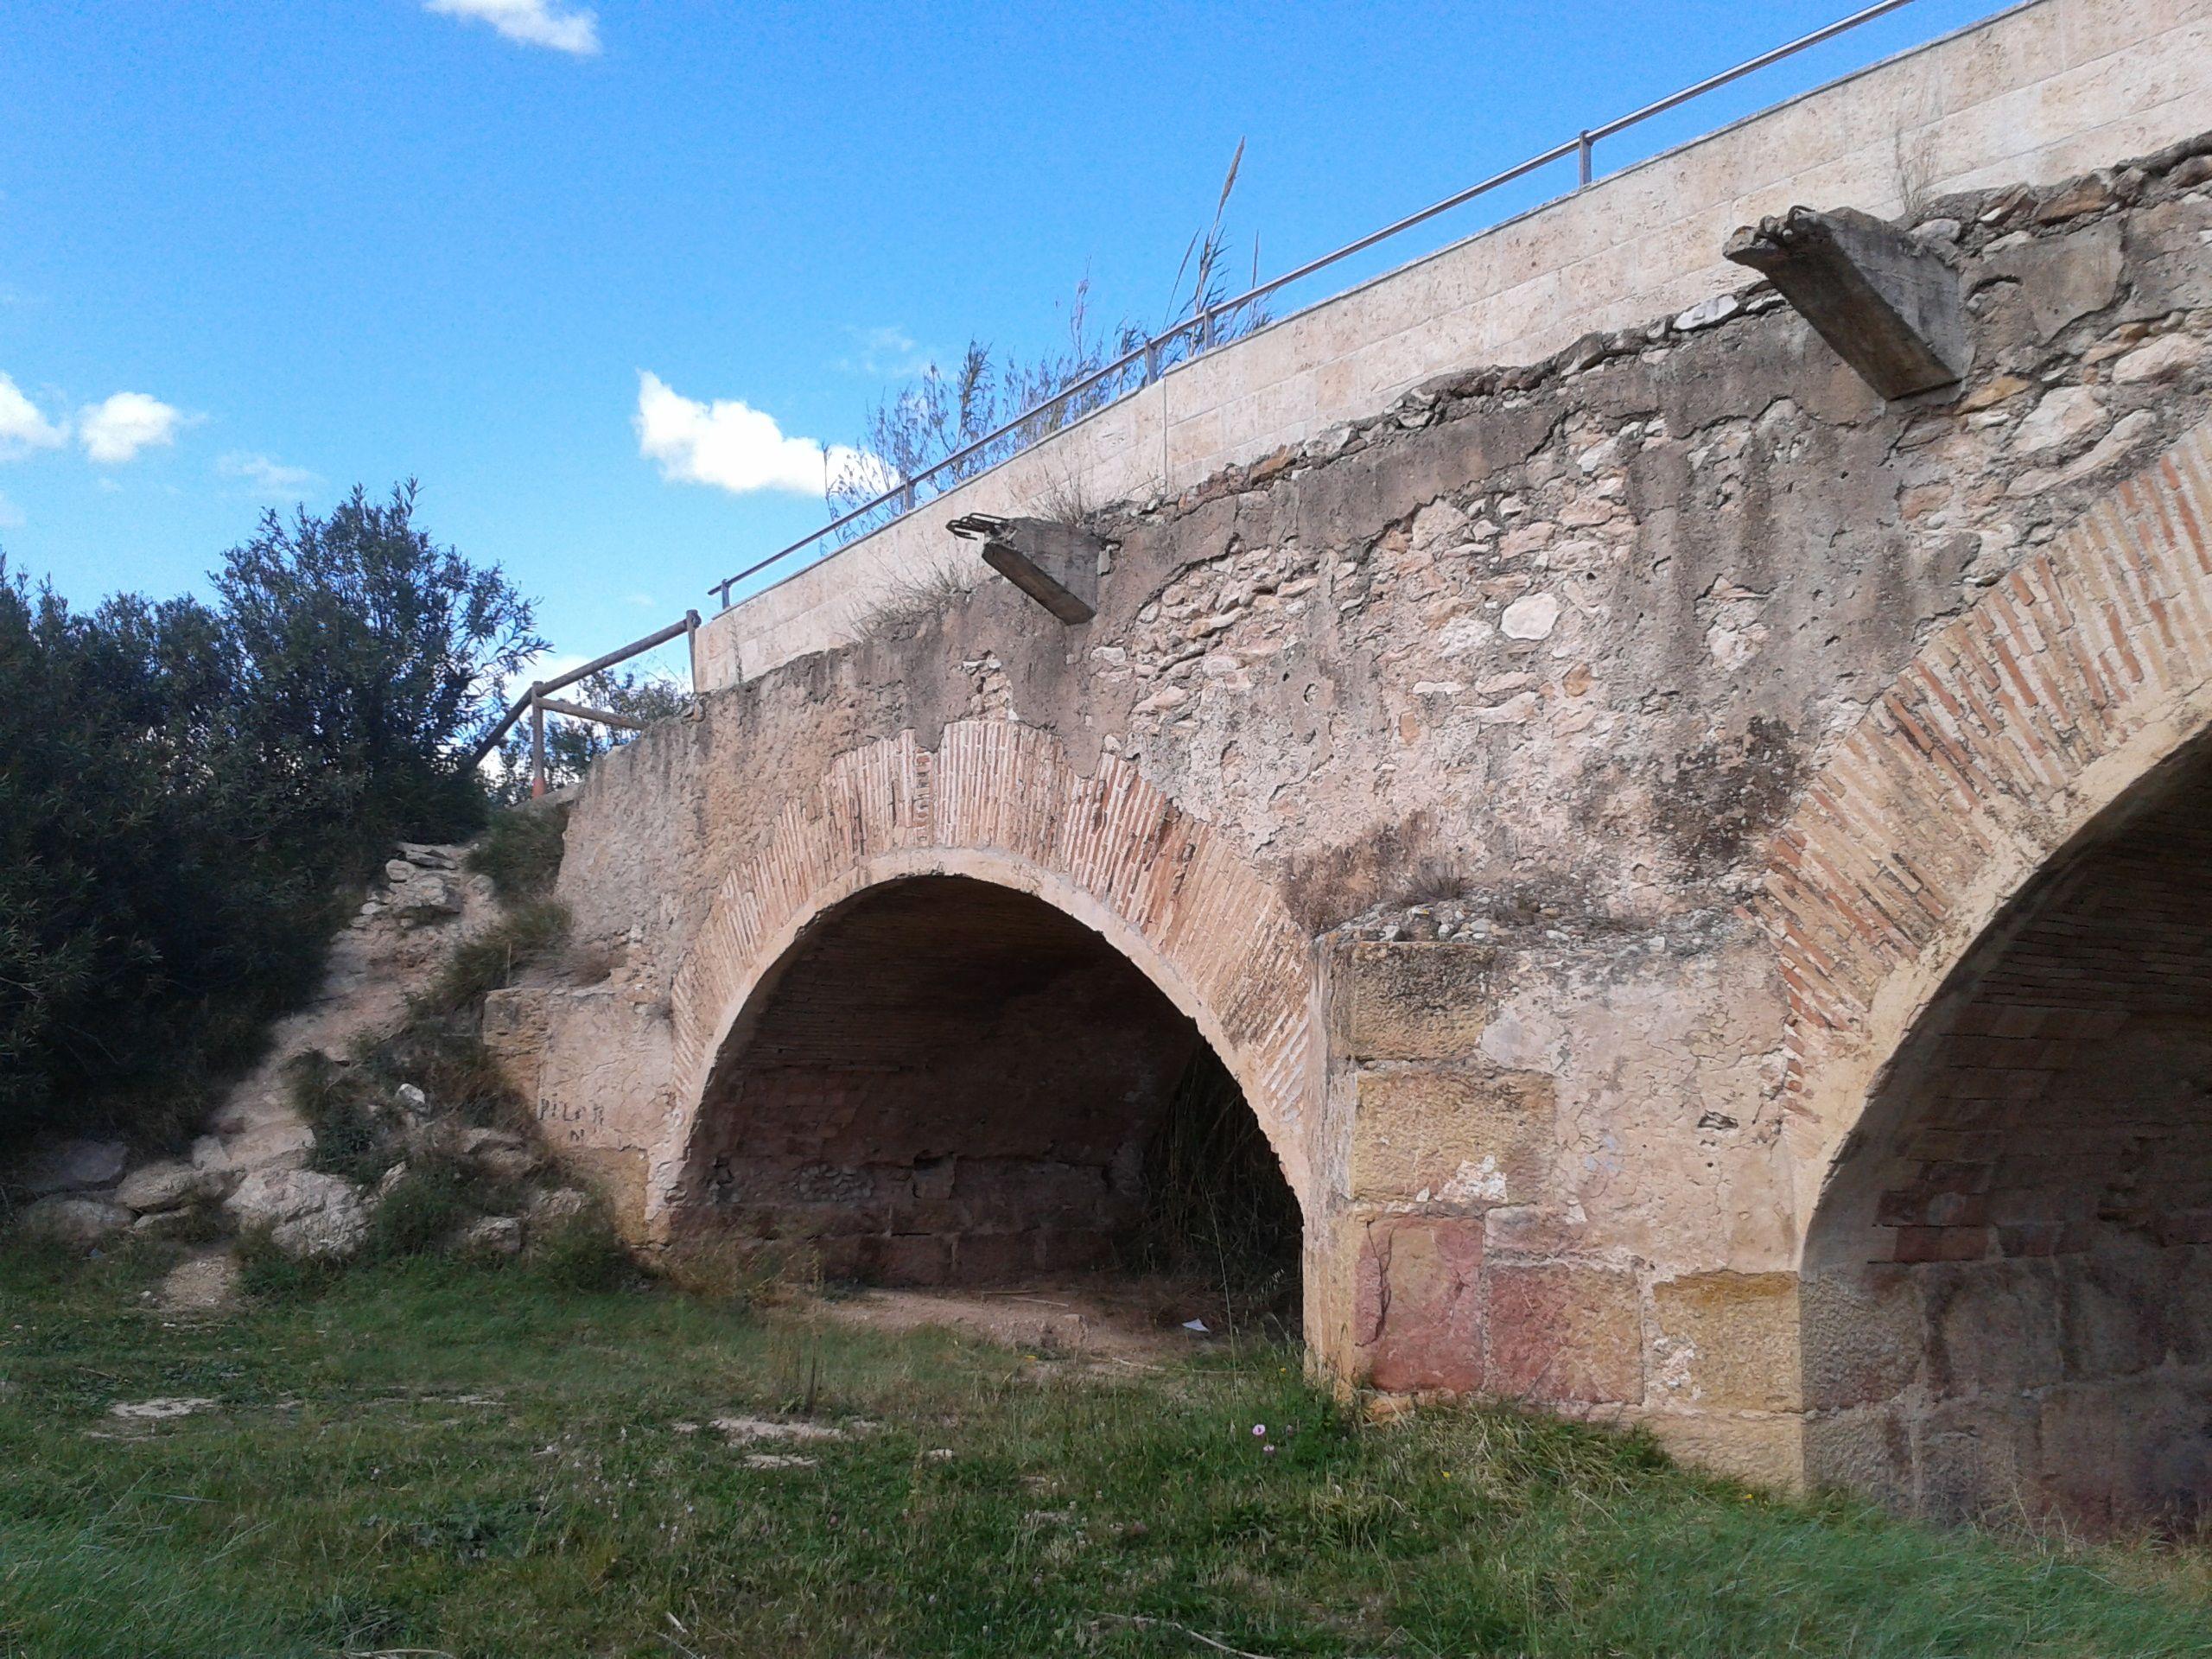 Por debajo del Puente Viejo no solo pasa el Turia, también podemos pasear nosotros